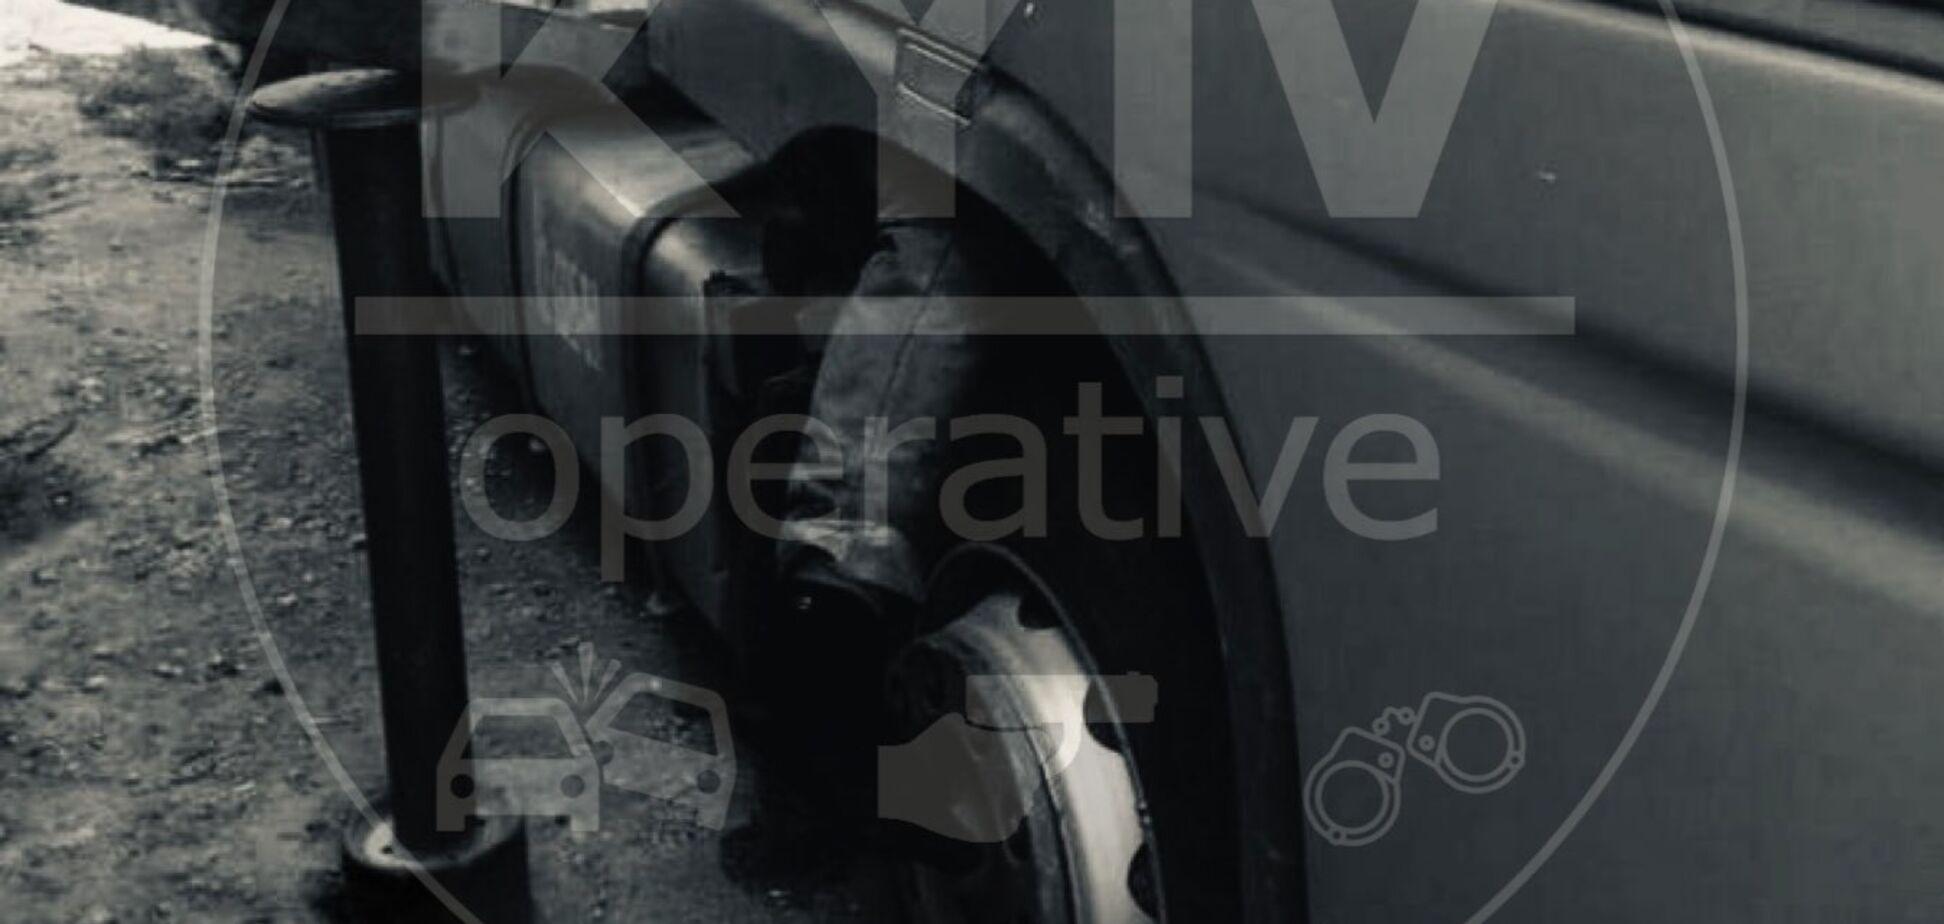 У Києві на чоловіка впала кабіна фури: моторошне фото 18+